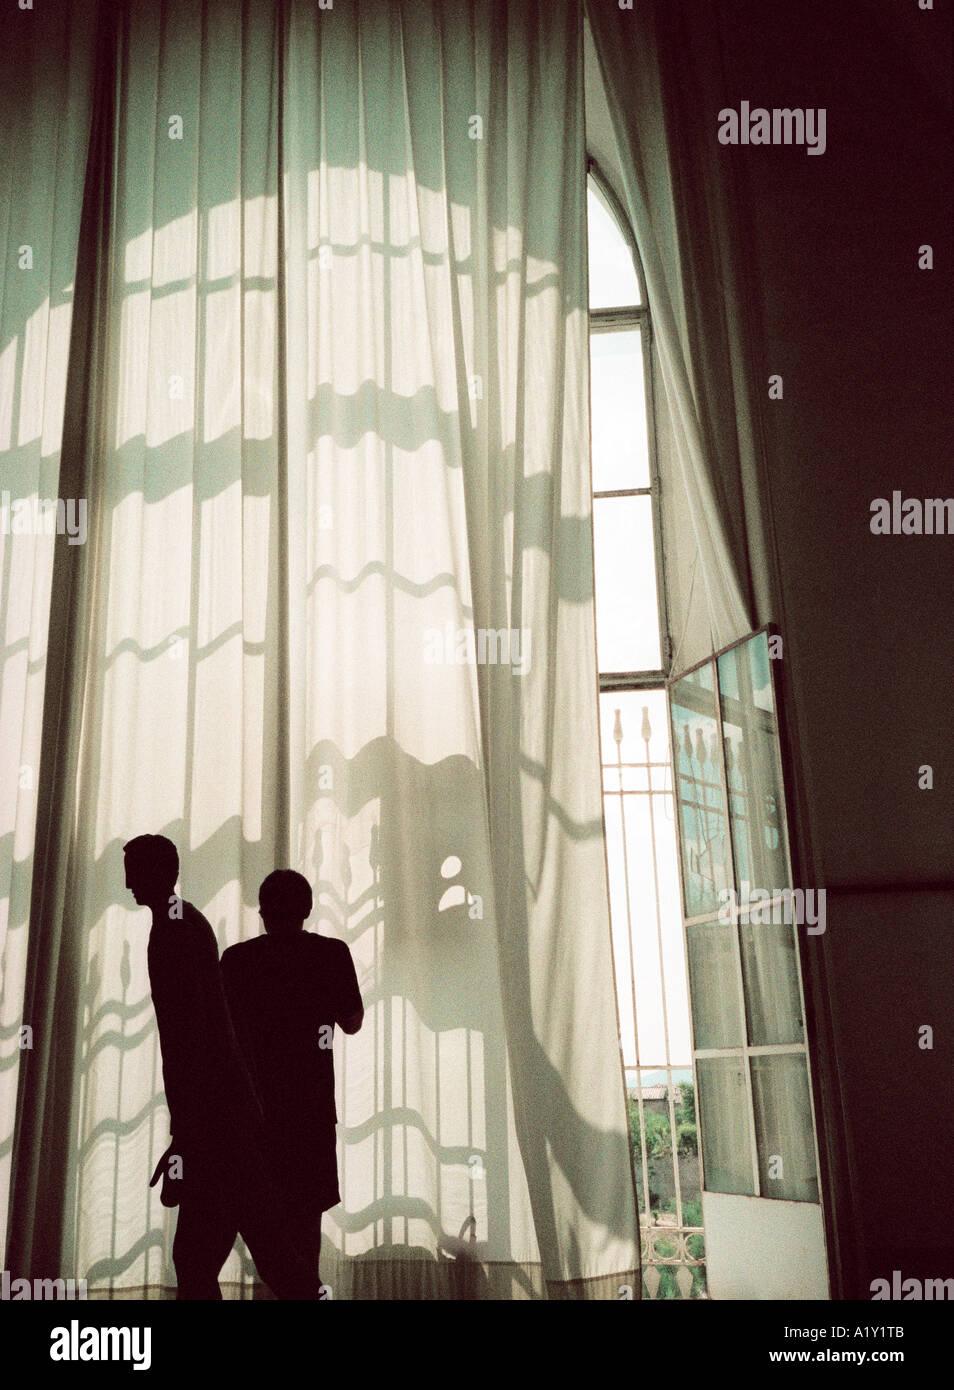 Fenêtre de l'hôpital, Sienne, Toscane, Italie. 35mm atmosphérique avec beaucoup d'image snap film visible-grain. Photo Stock